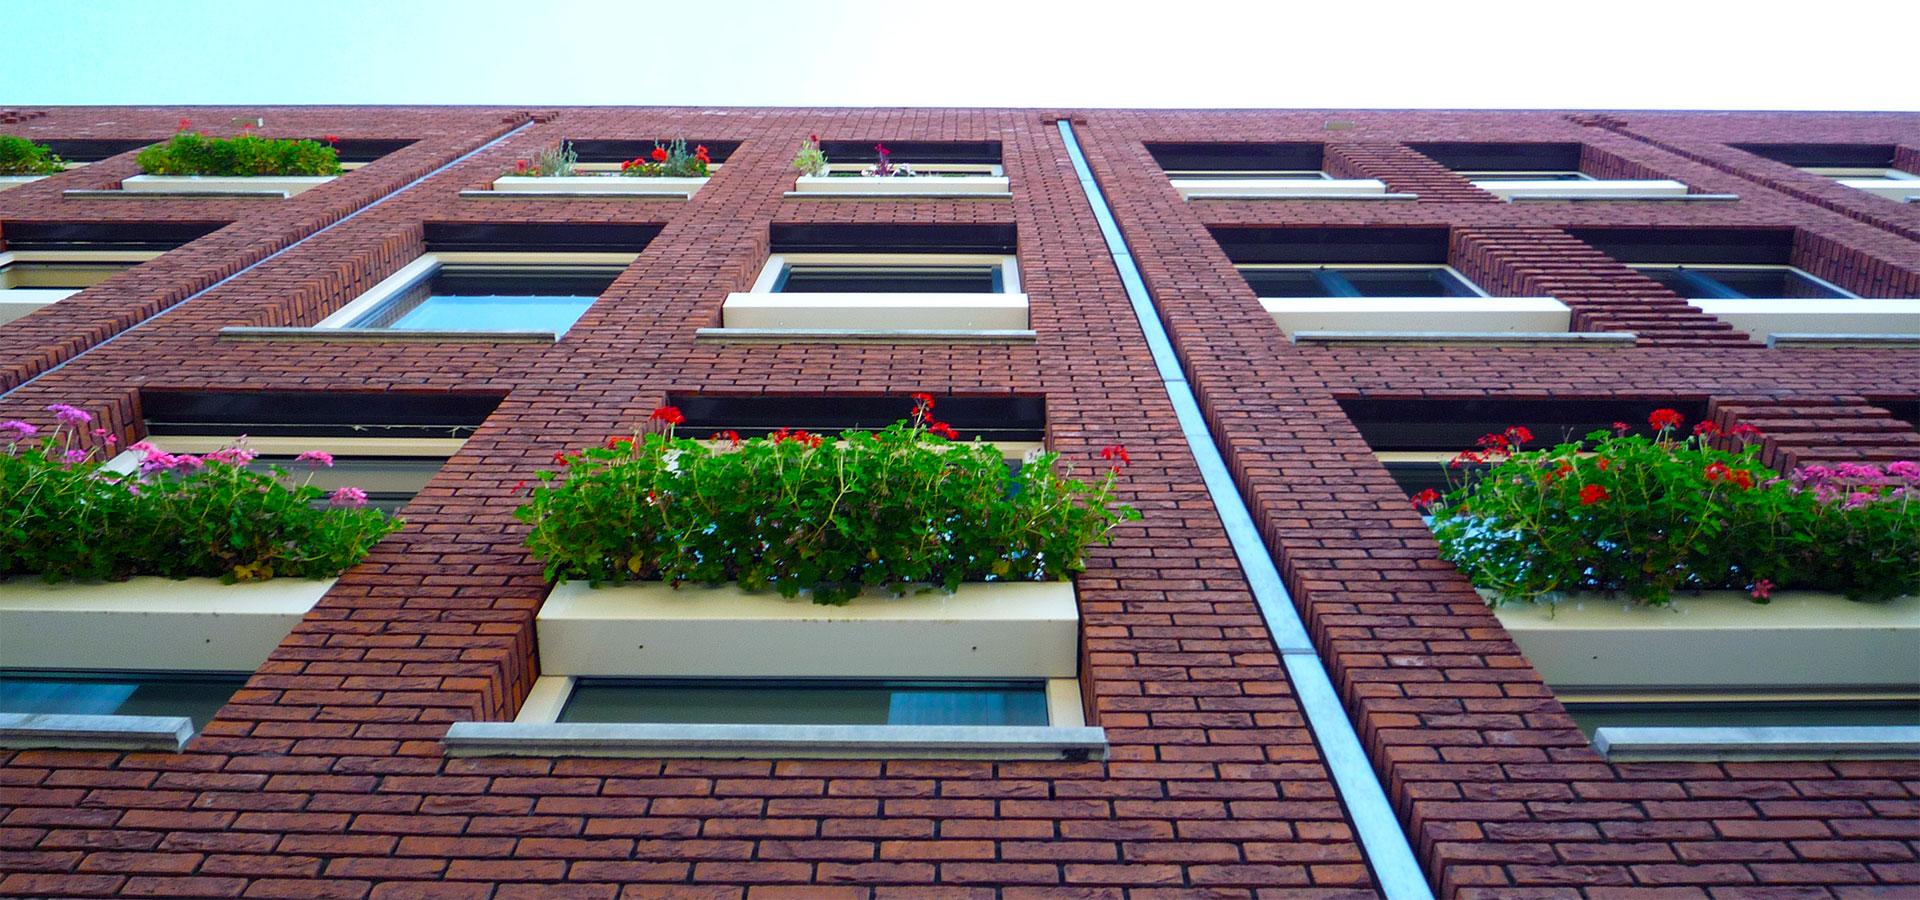 FARO architecten Beekpark Apeldoorn 06